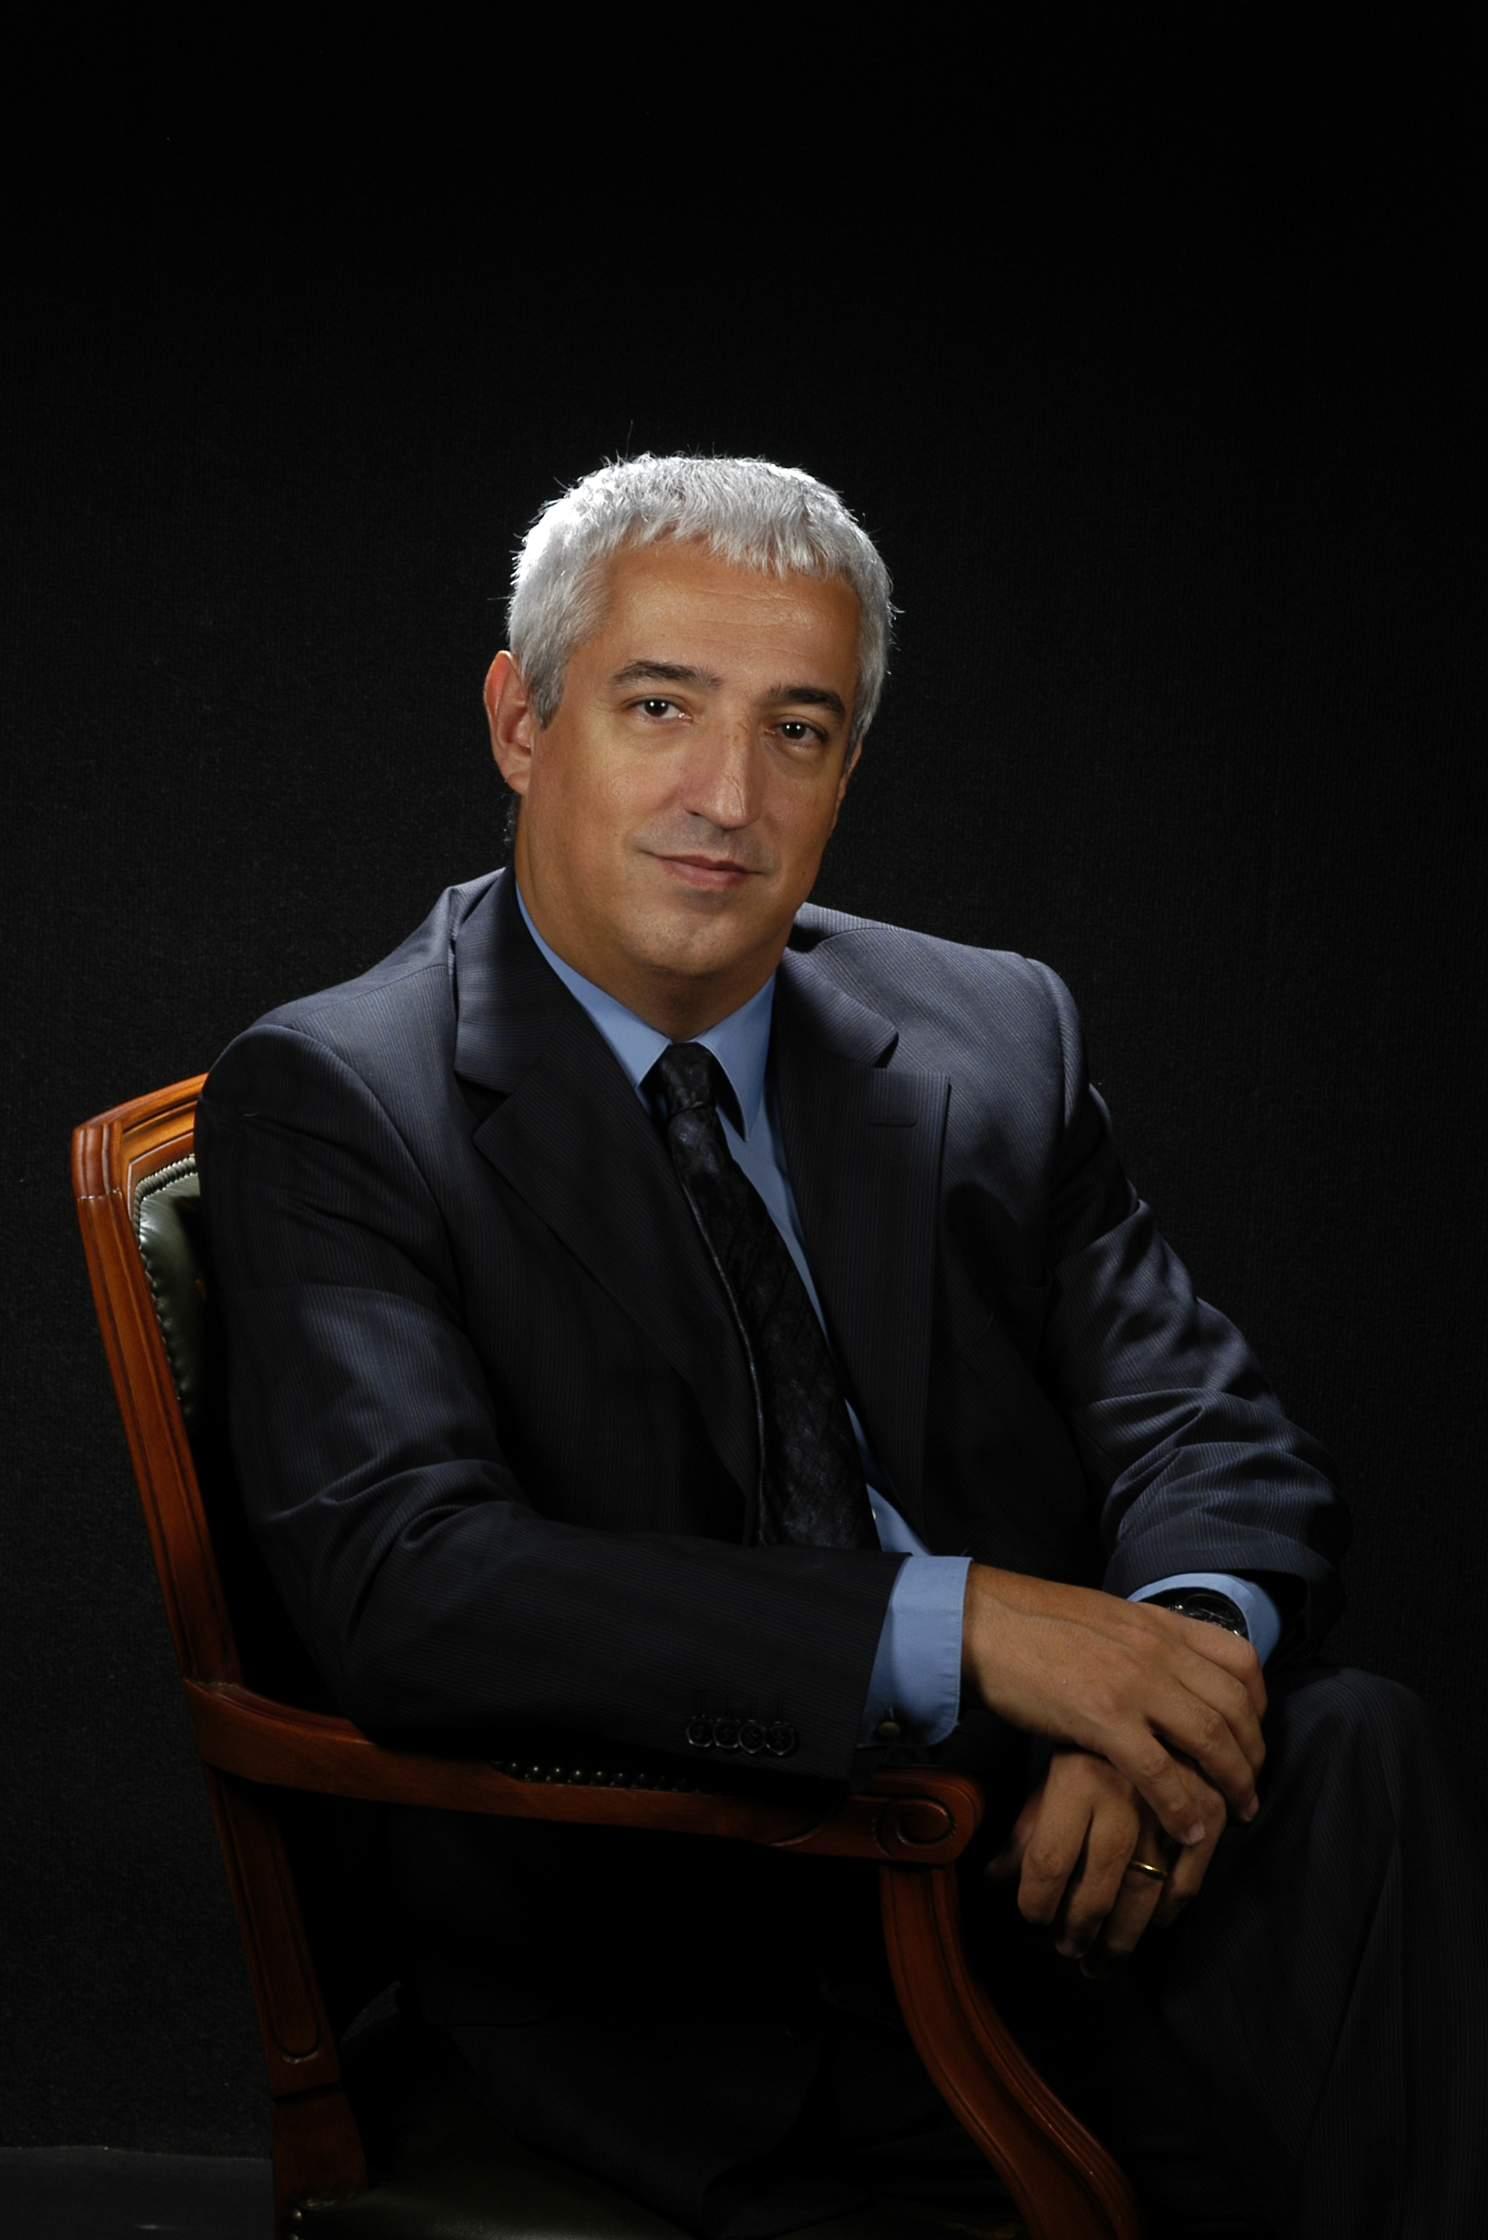 Dr. Jordi Ibàñez Nolla